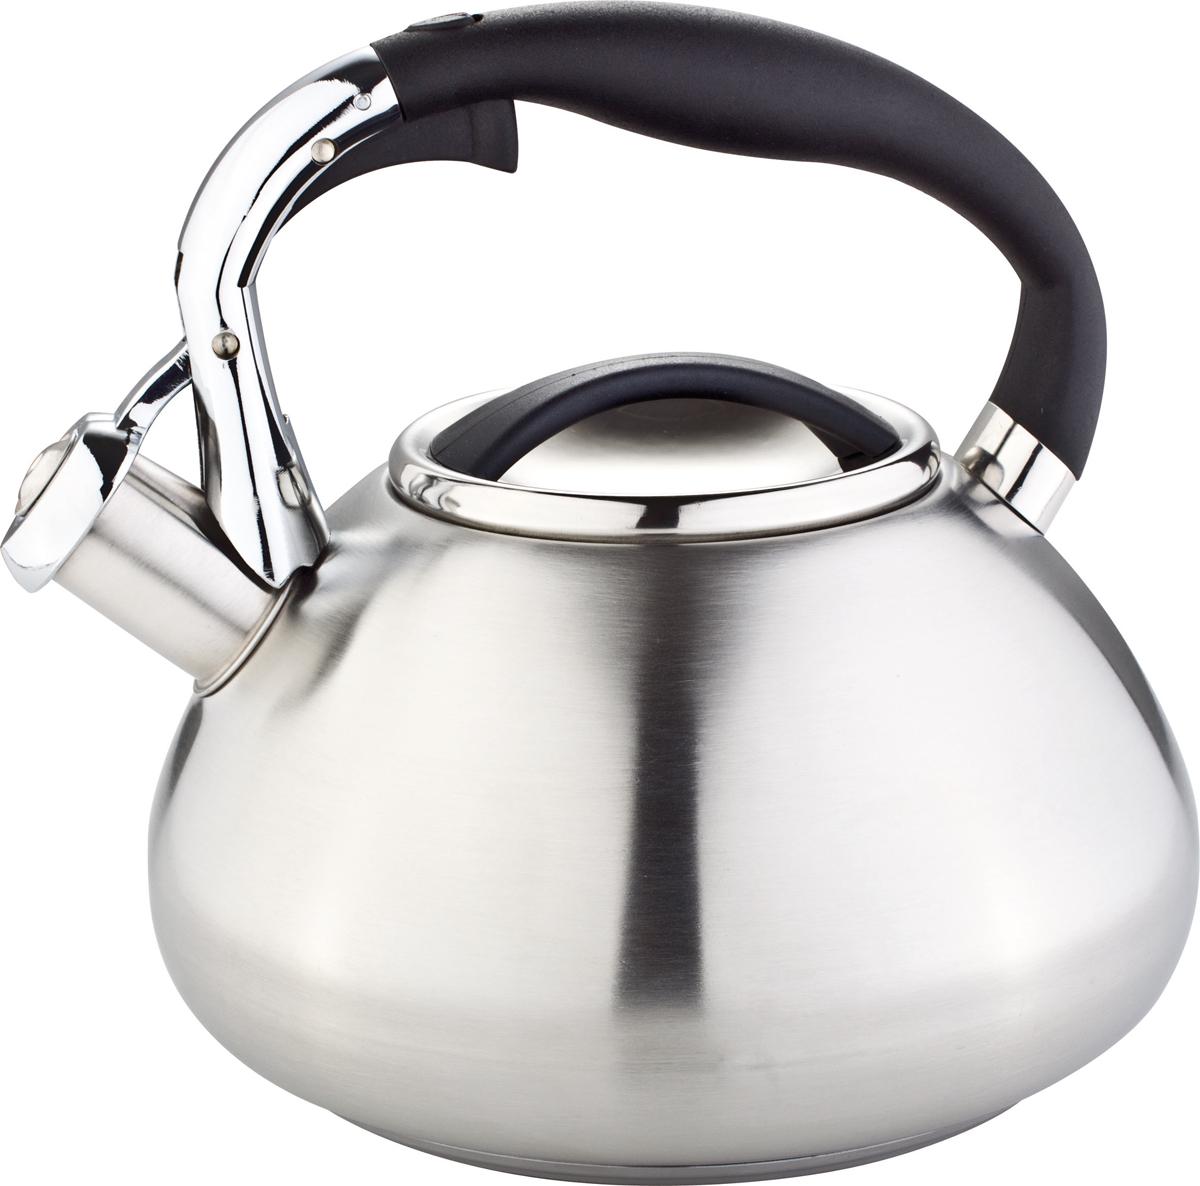 Чайник Rainstahl, со свистком, цвет: серебристый, 3 л. 7602-30RS\WK чайник rainstahl со свистком цвет белый 3 л 7540 30rs wk